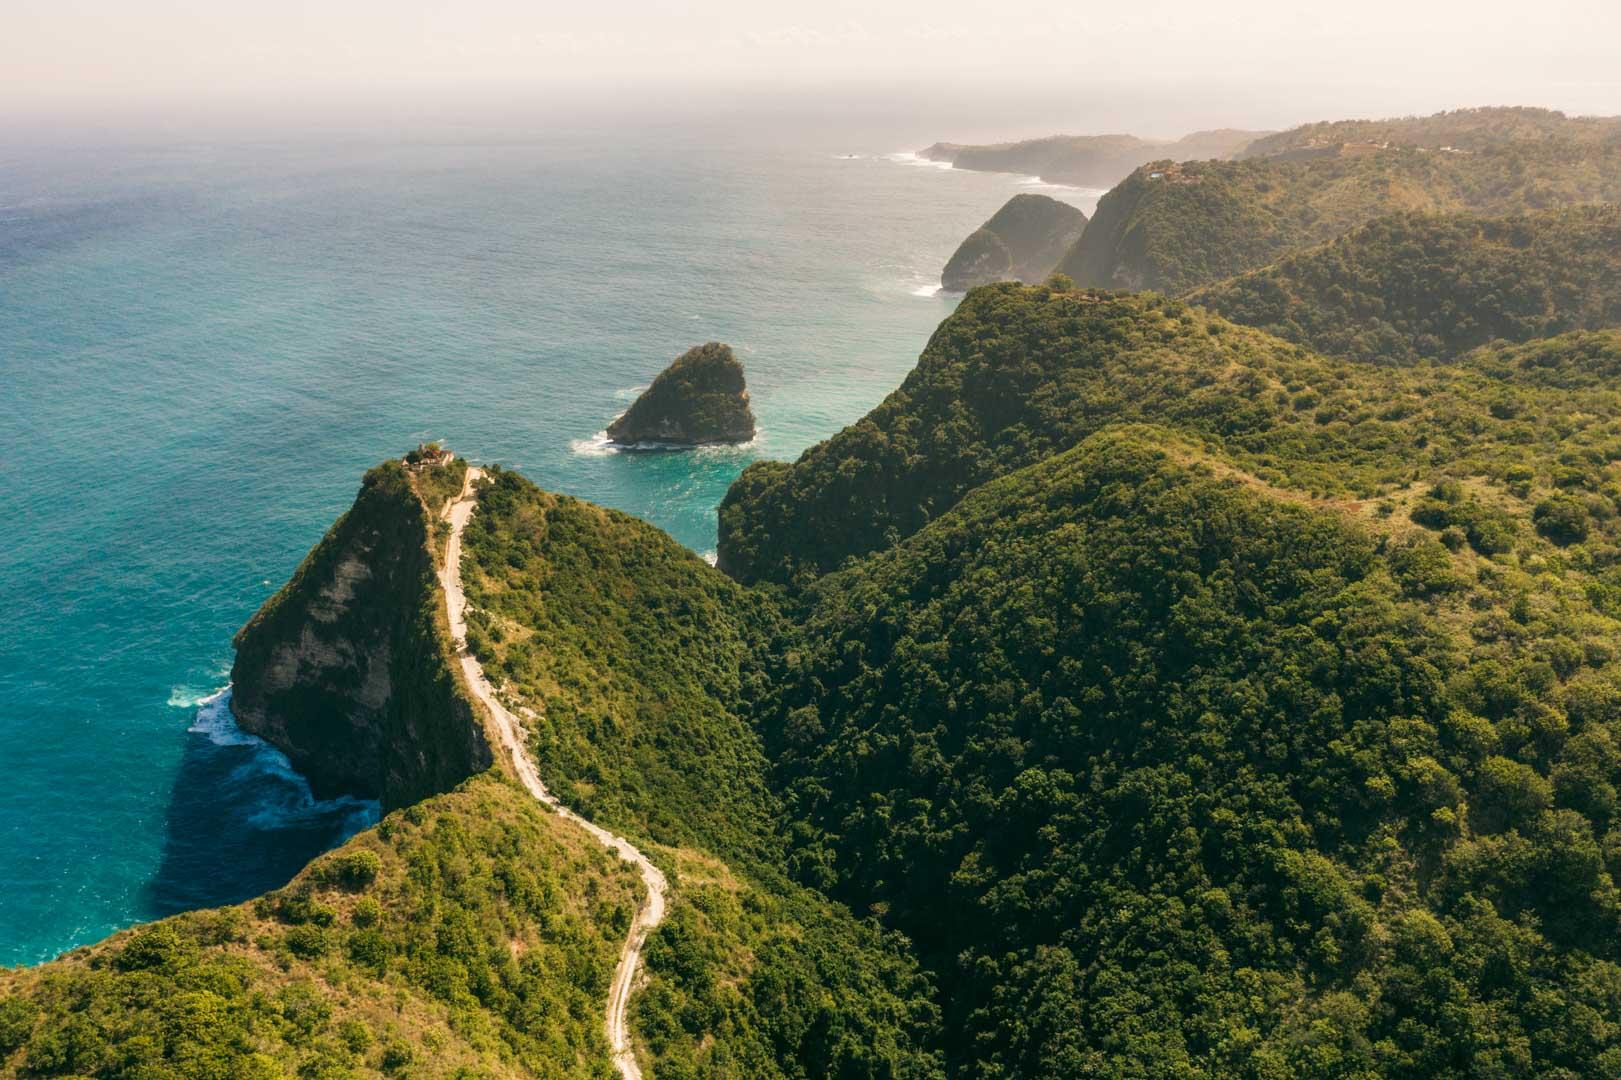 Banah Cliffs viewpoint from the air